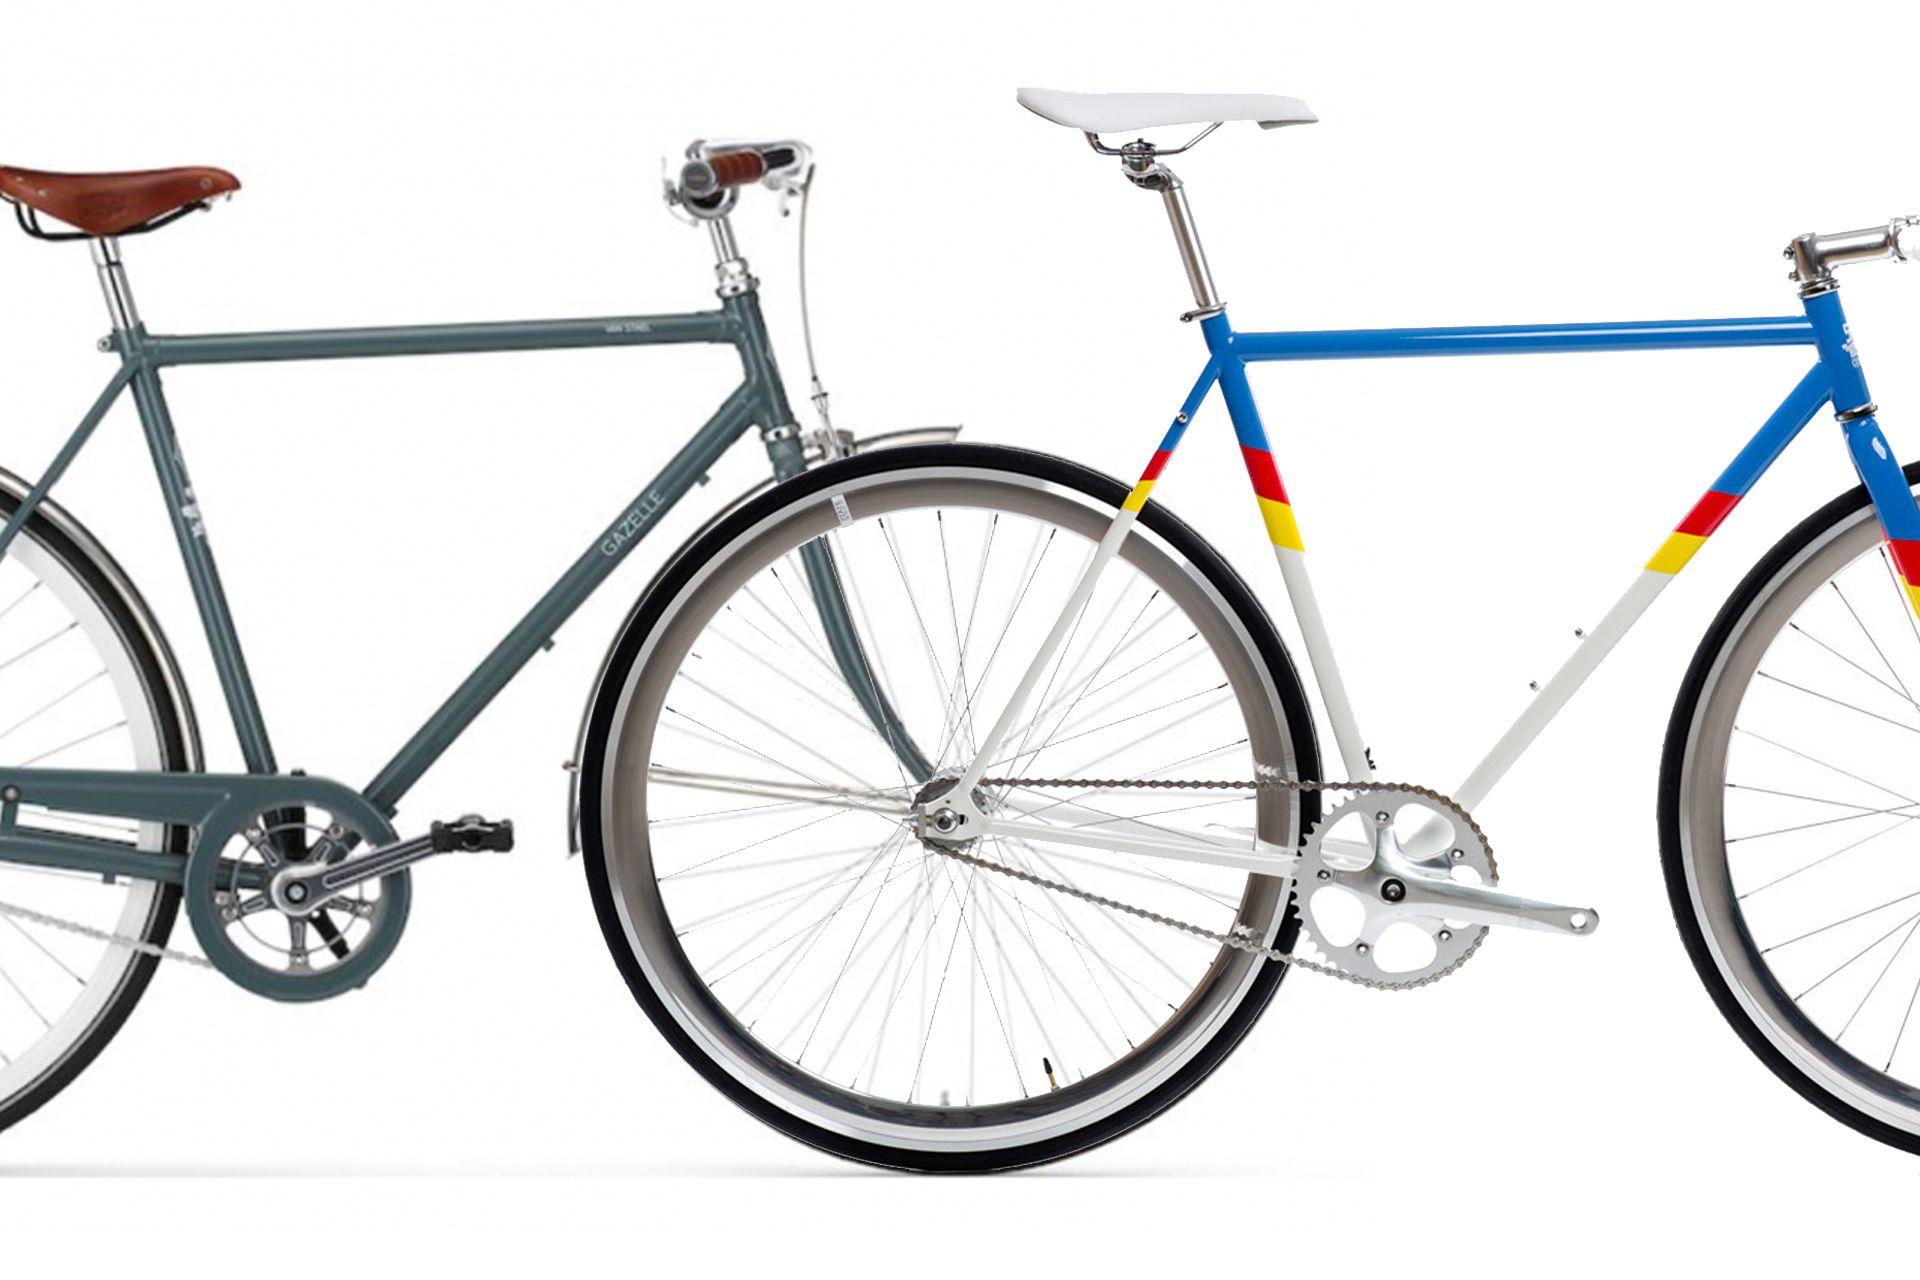 Budget stylish bikes photos